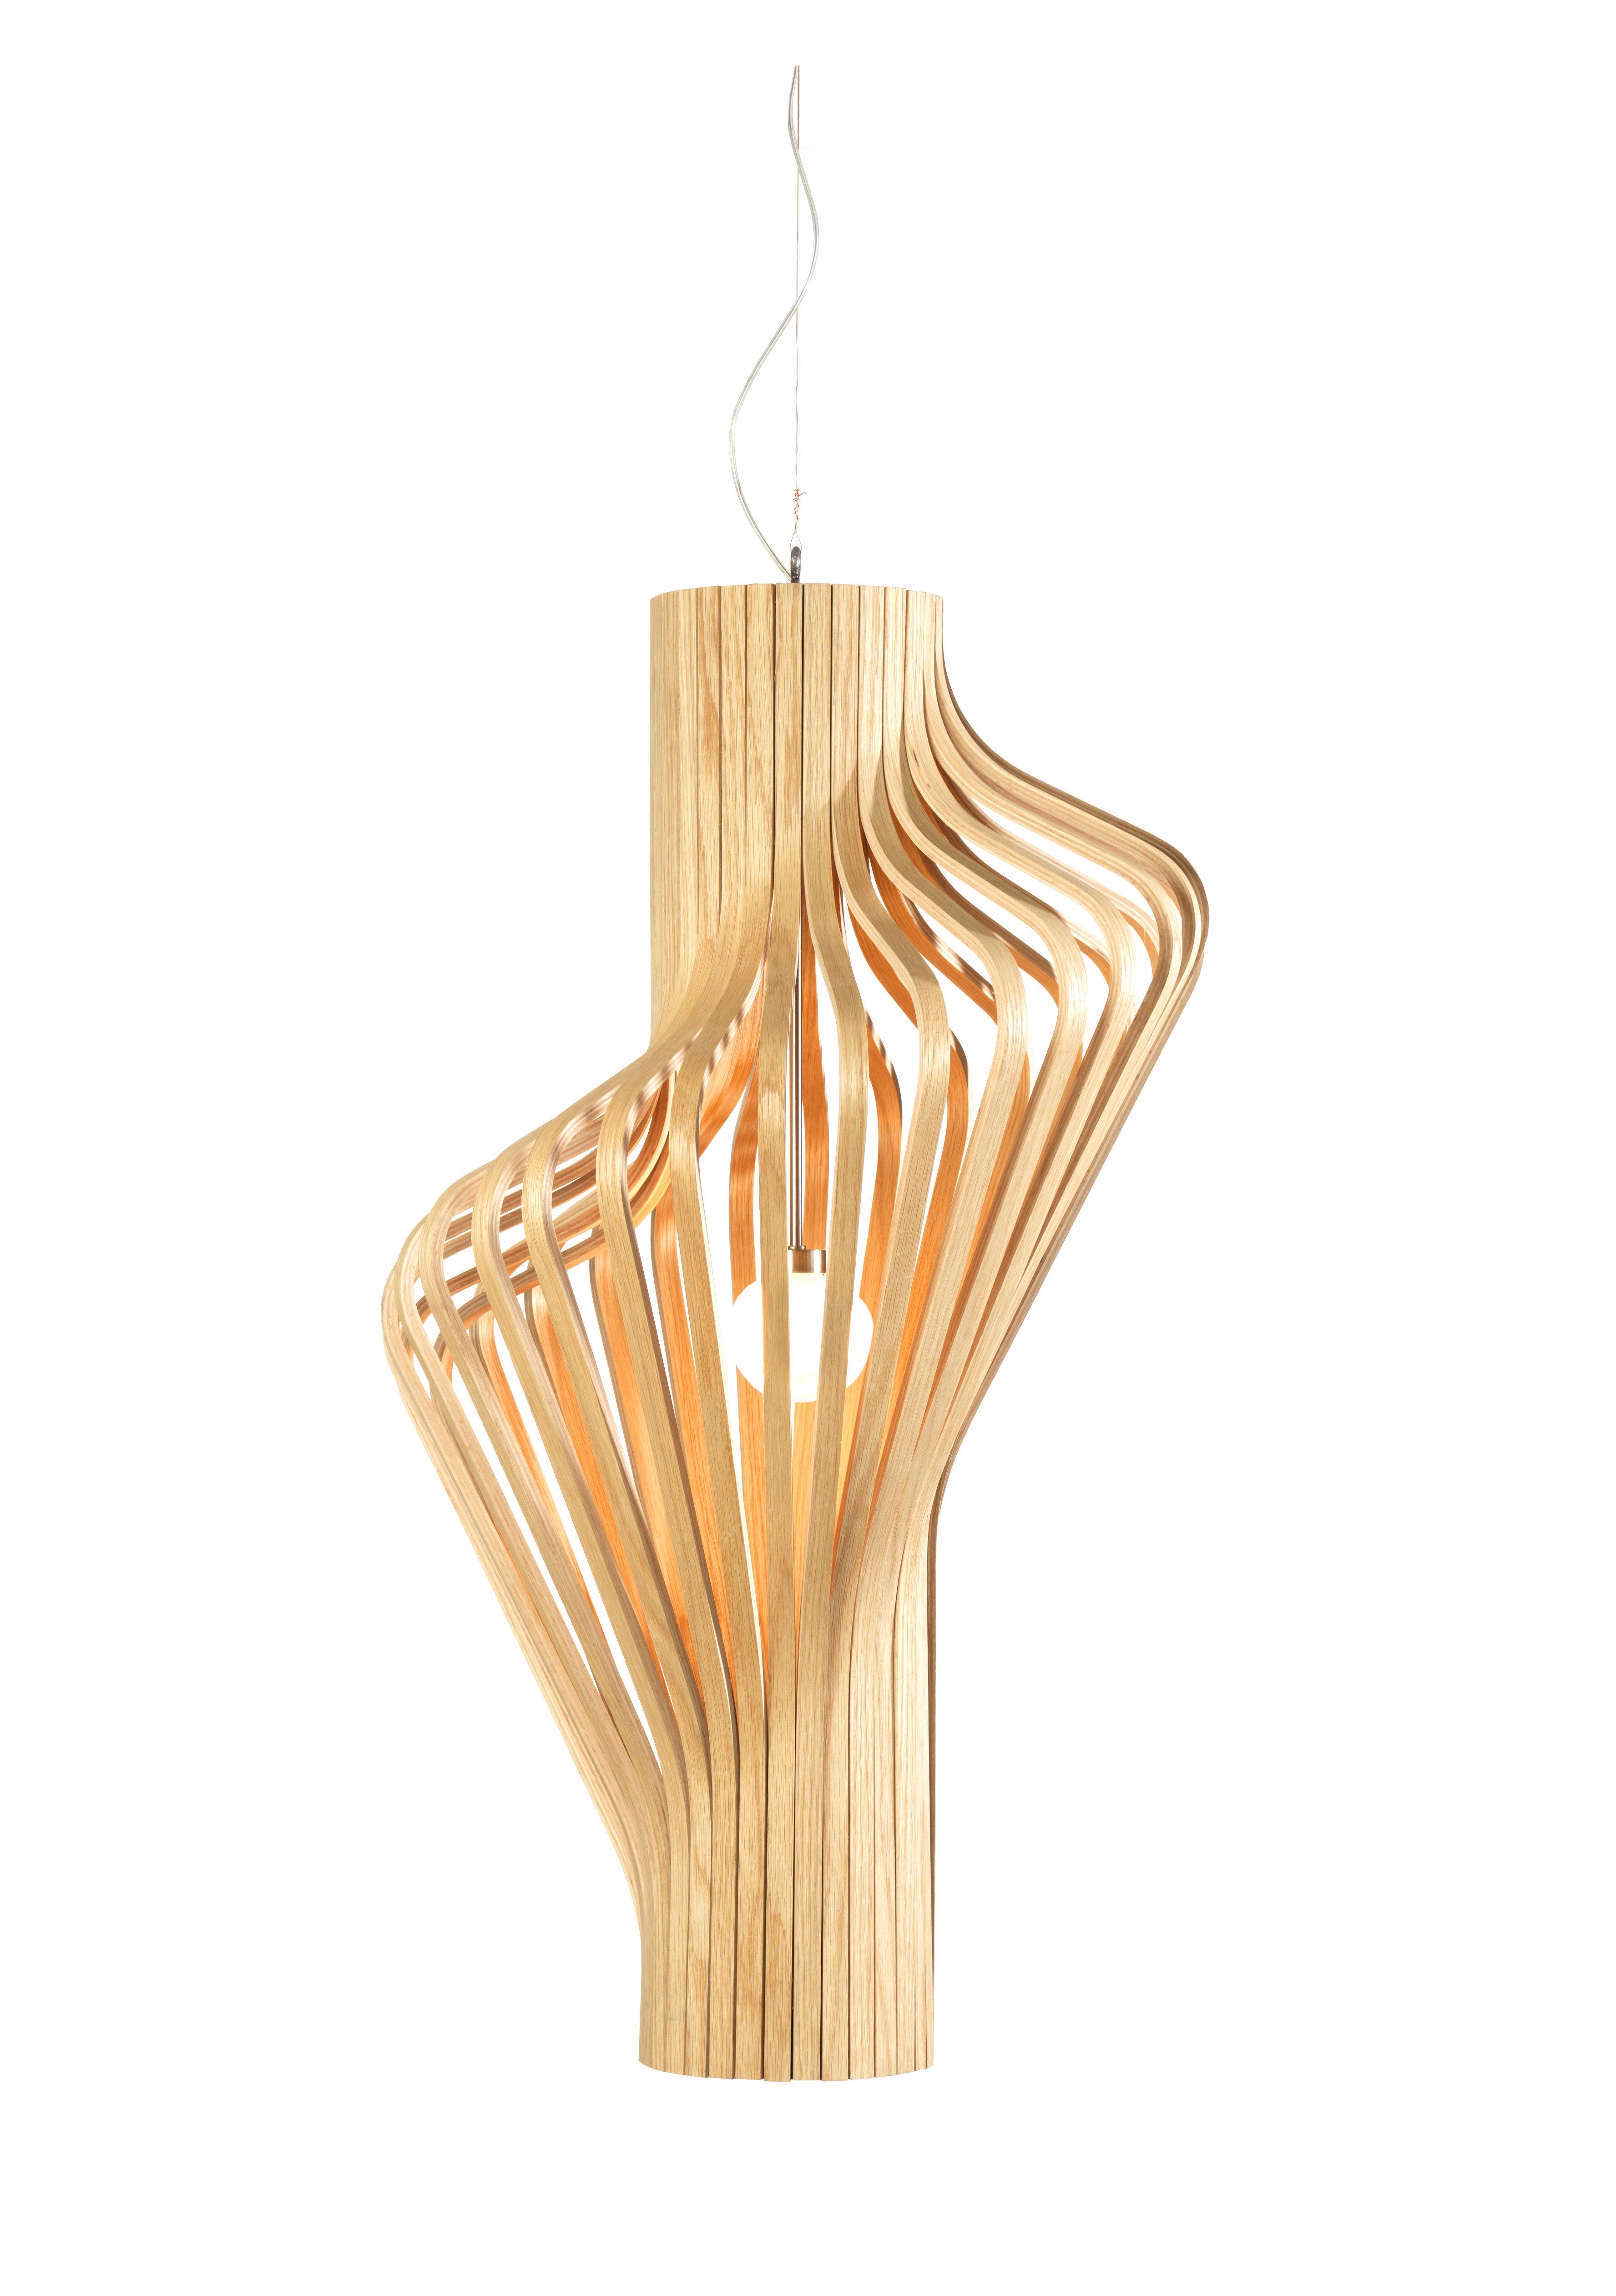 Leuchten - Pendelleuchten - Diva Pendelleuchte H 80 cm - Northern  - Eiche - Eichenholzfurnier, mundgeblasenes Glas